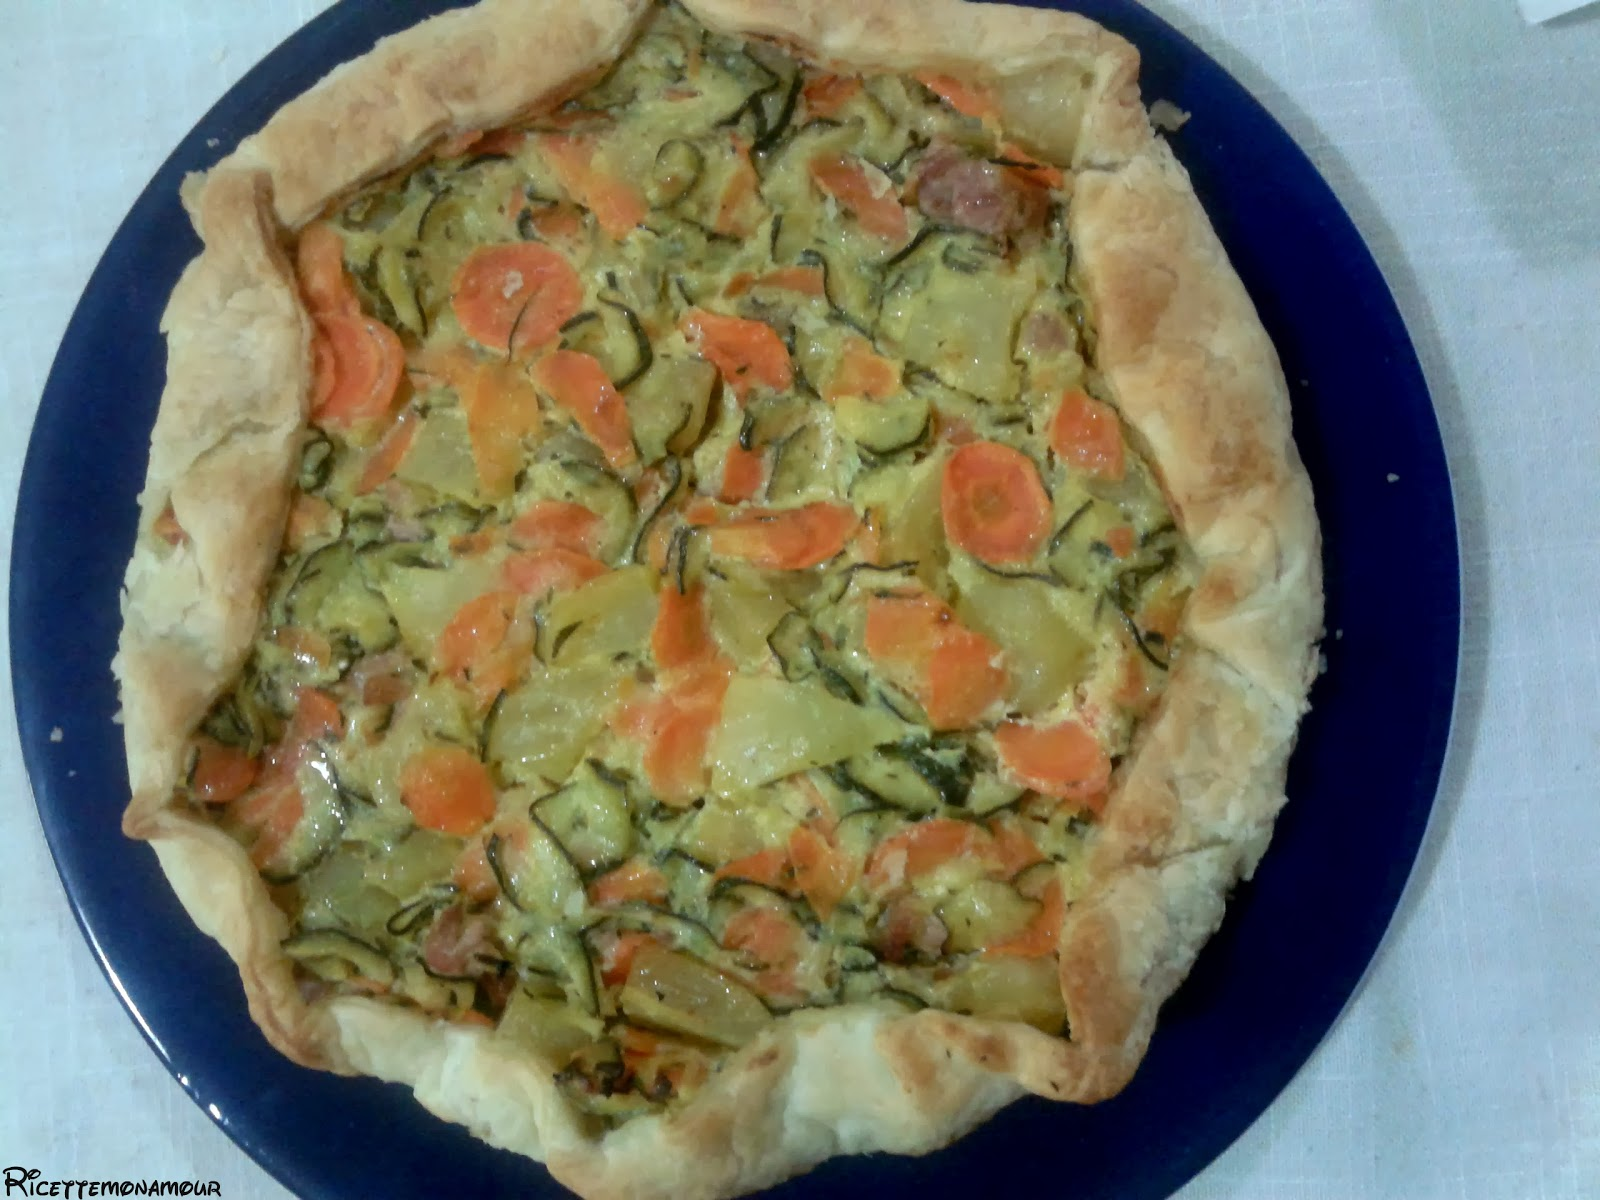 torta salata con verdure, ricetta light